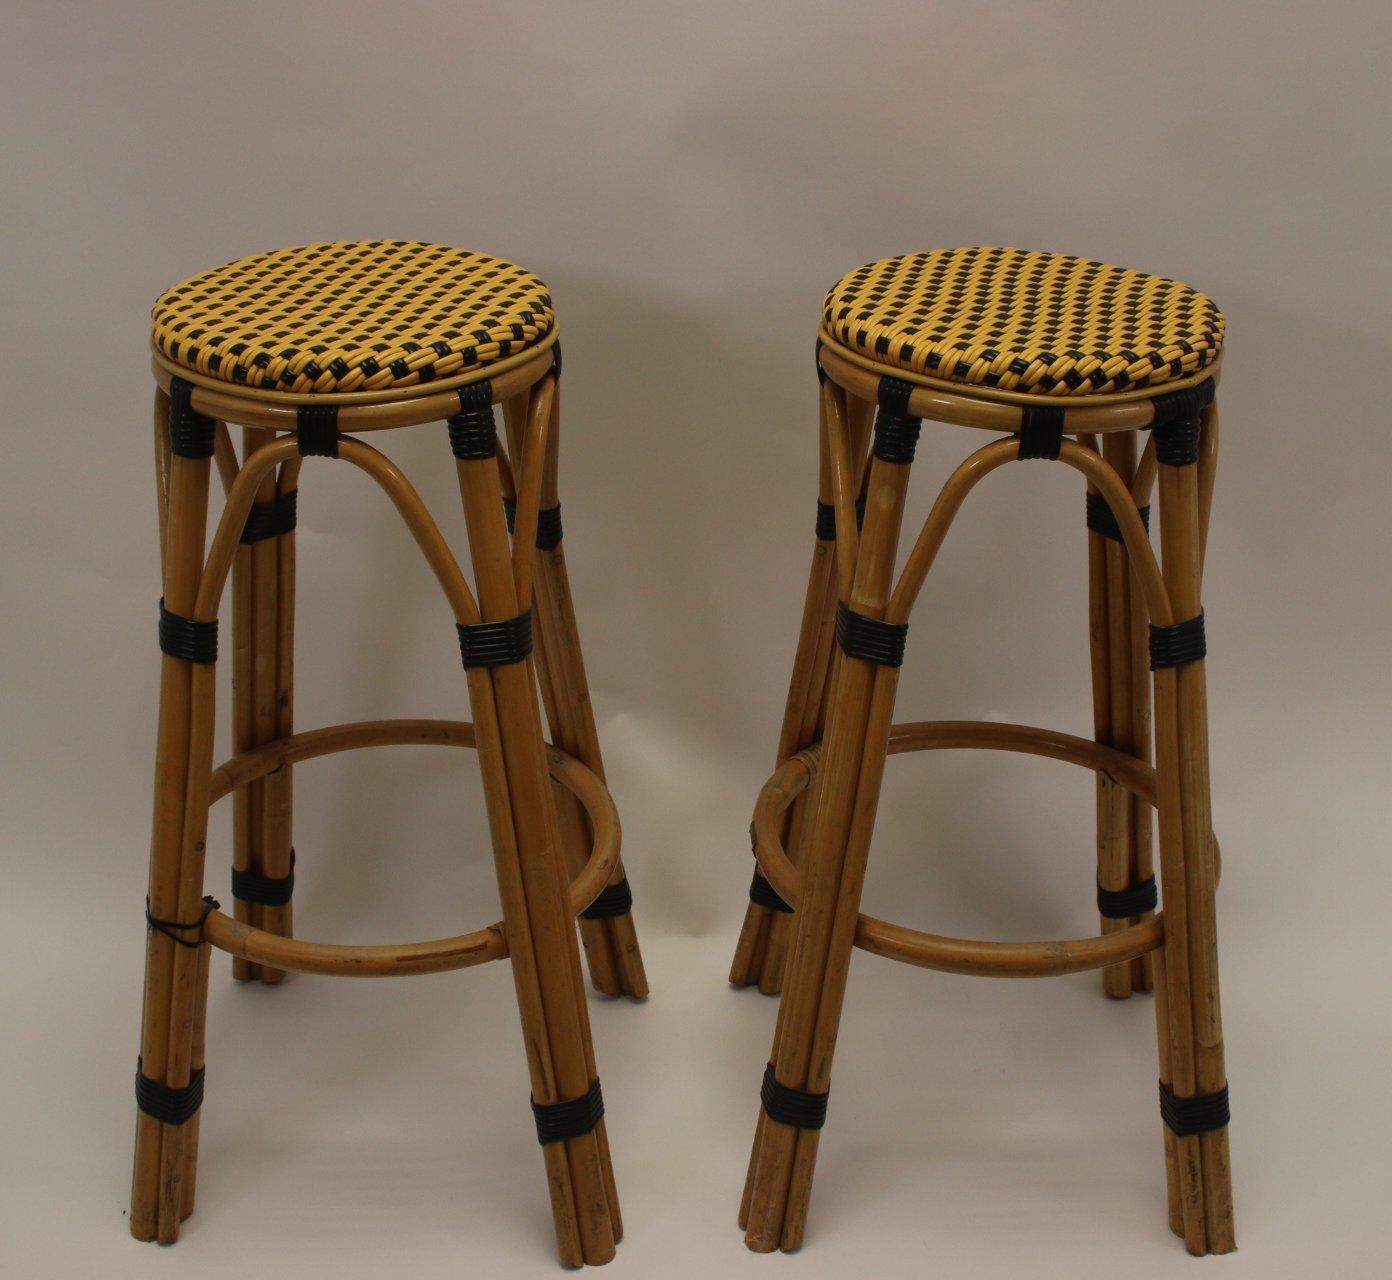 Pair Of Bamboo Bar Stools 1960s 137113